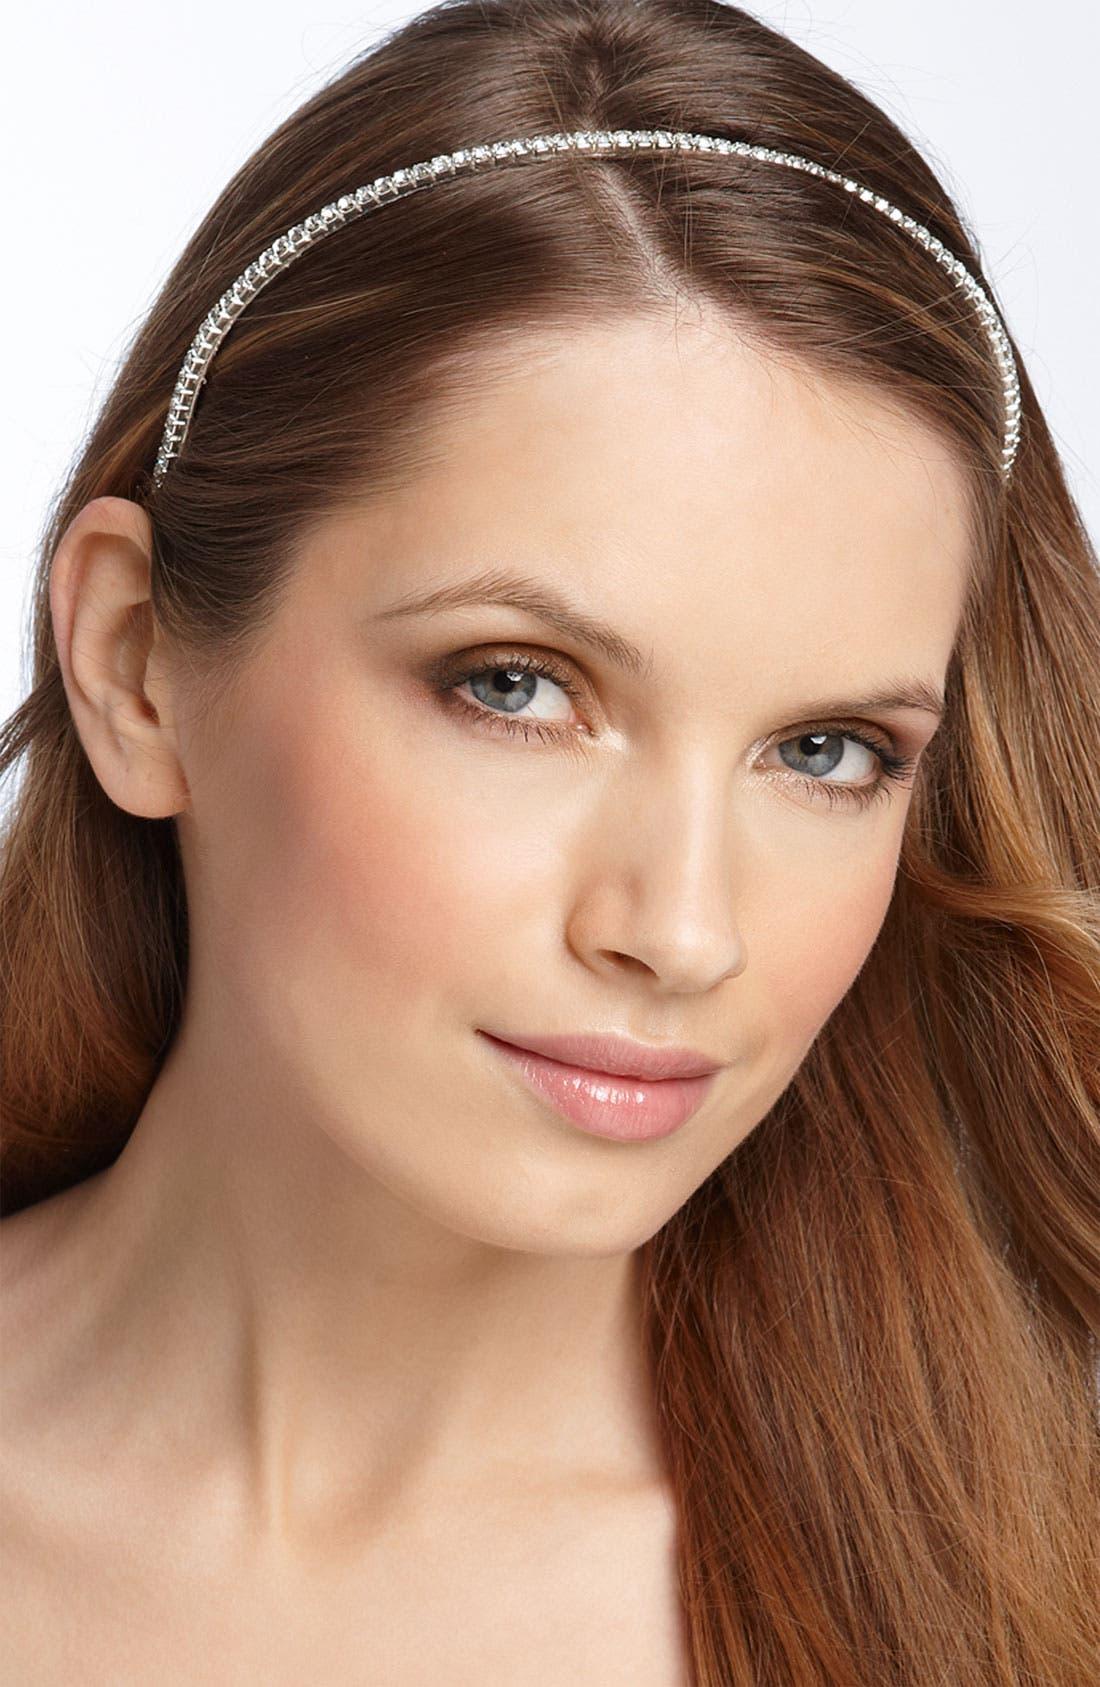 Alternate Image 1 Selected - Tasha 'Single' Crystal Headband